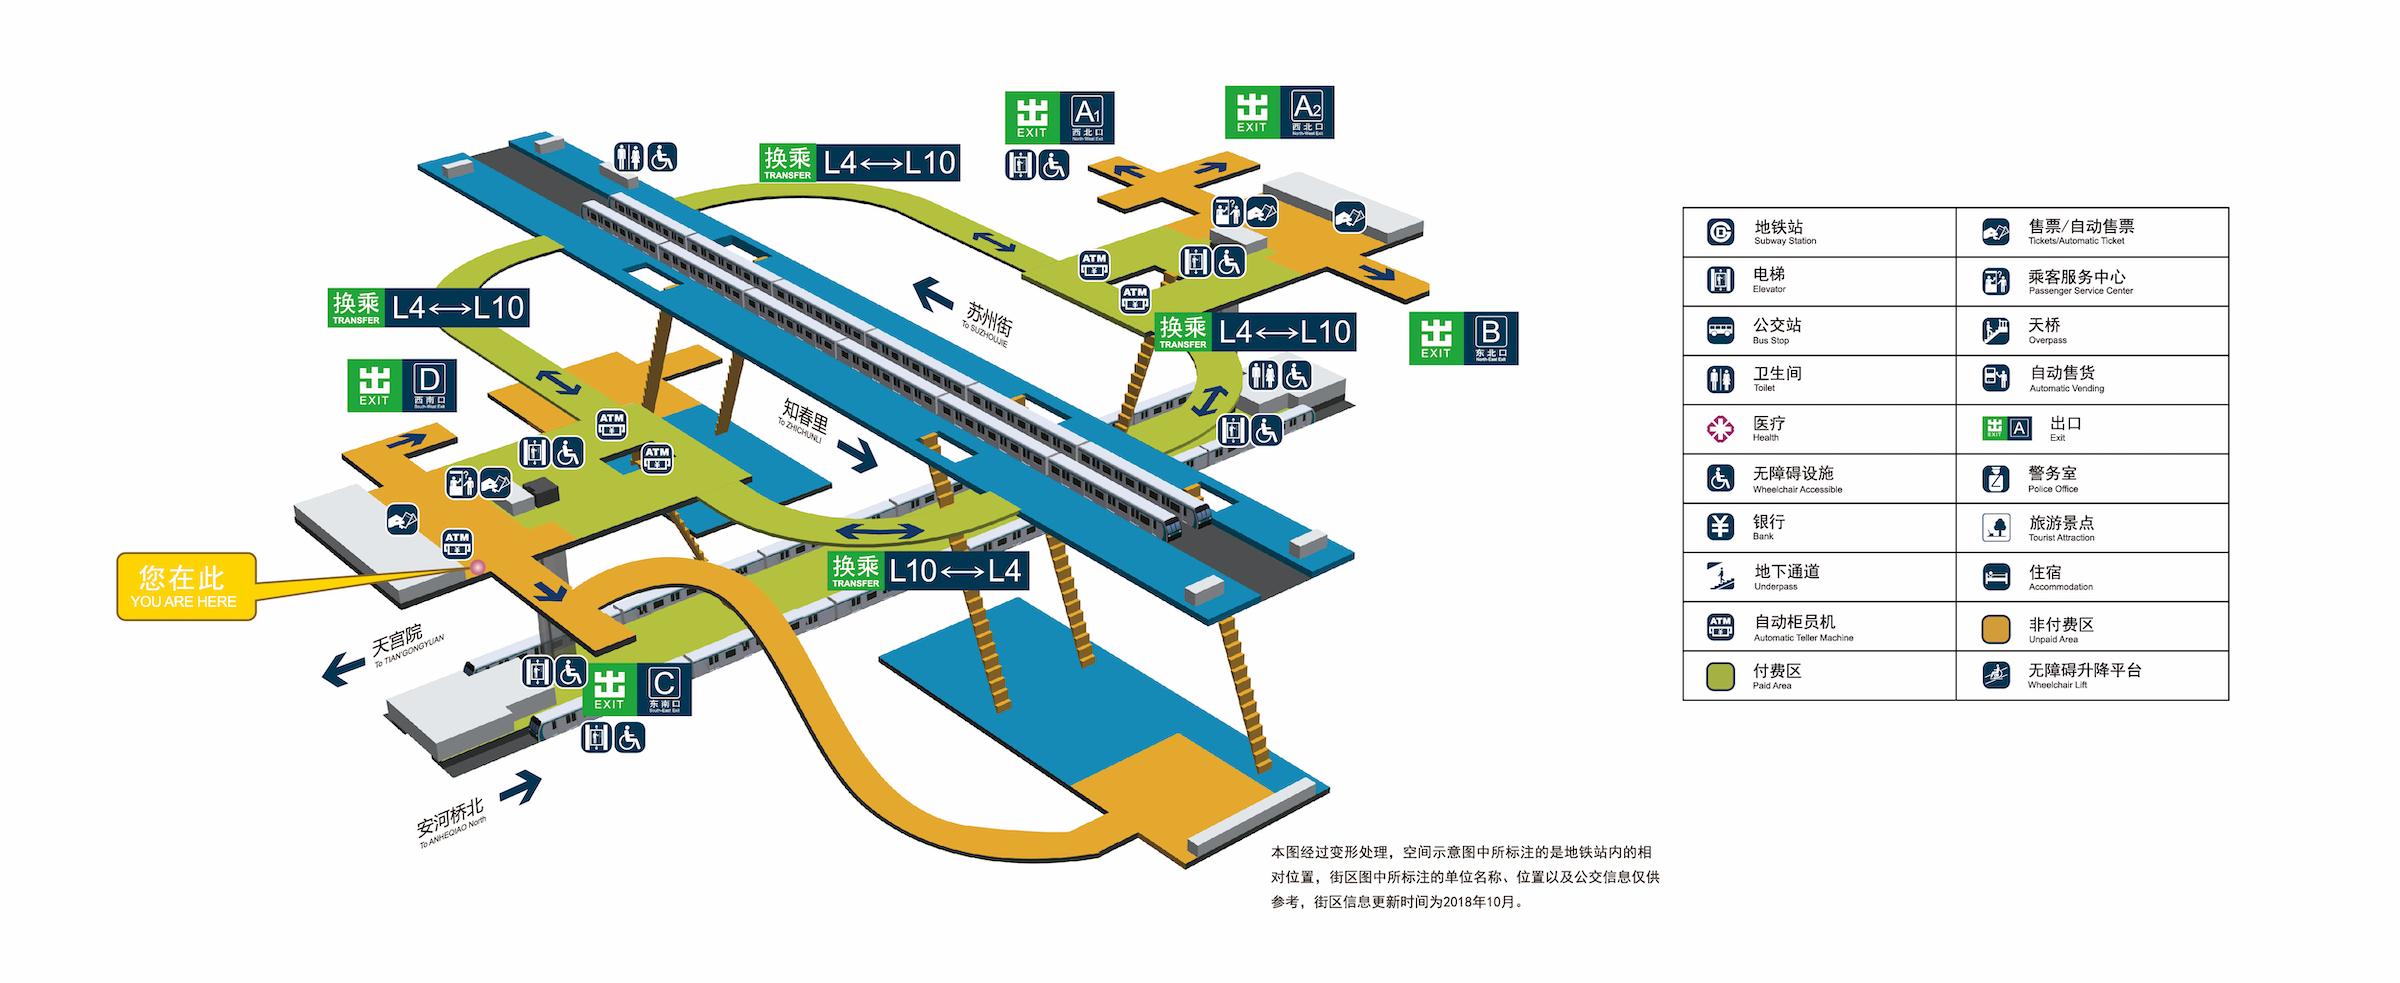 海淀黄庄站立体图